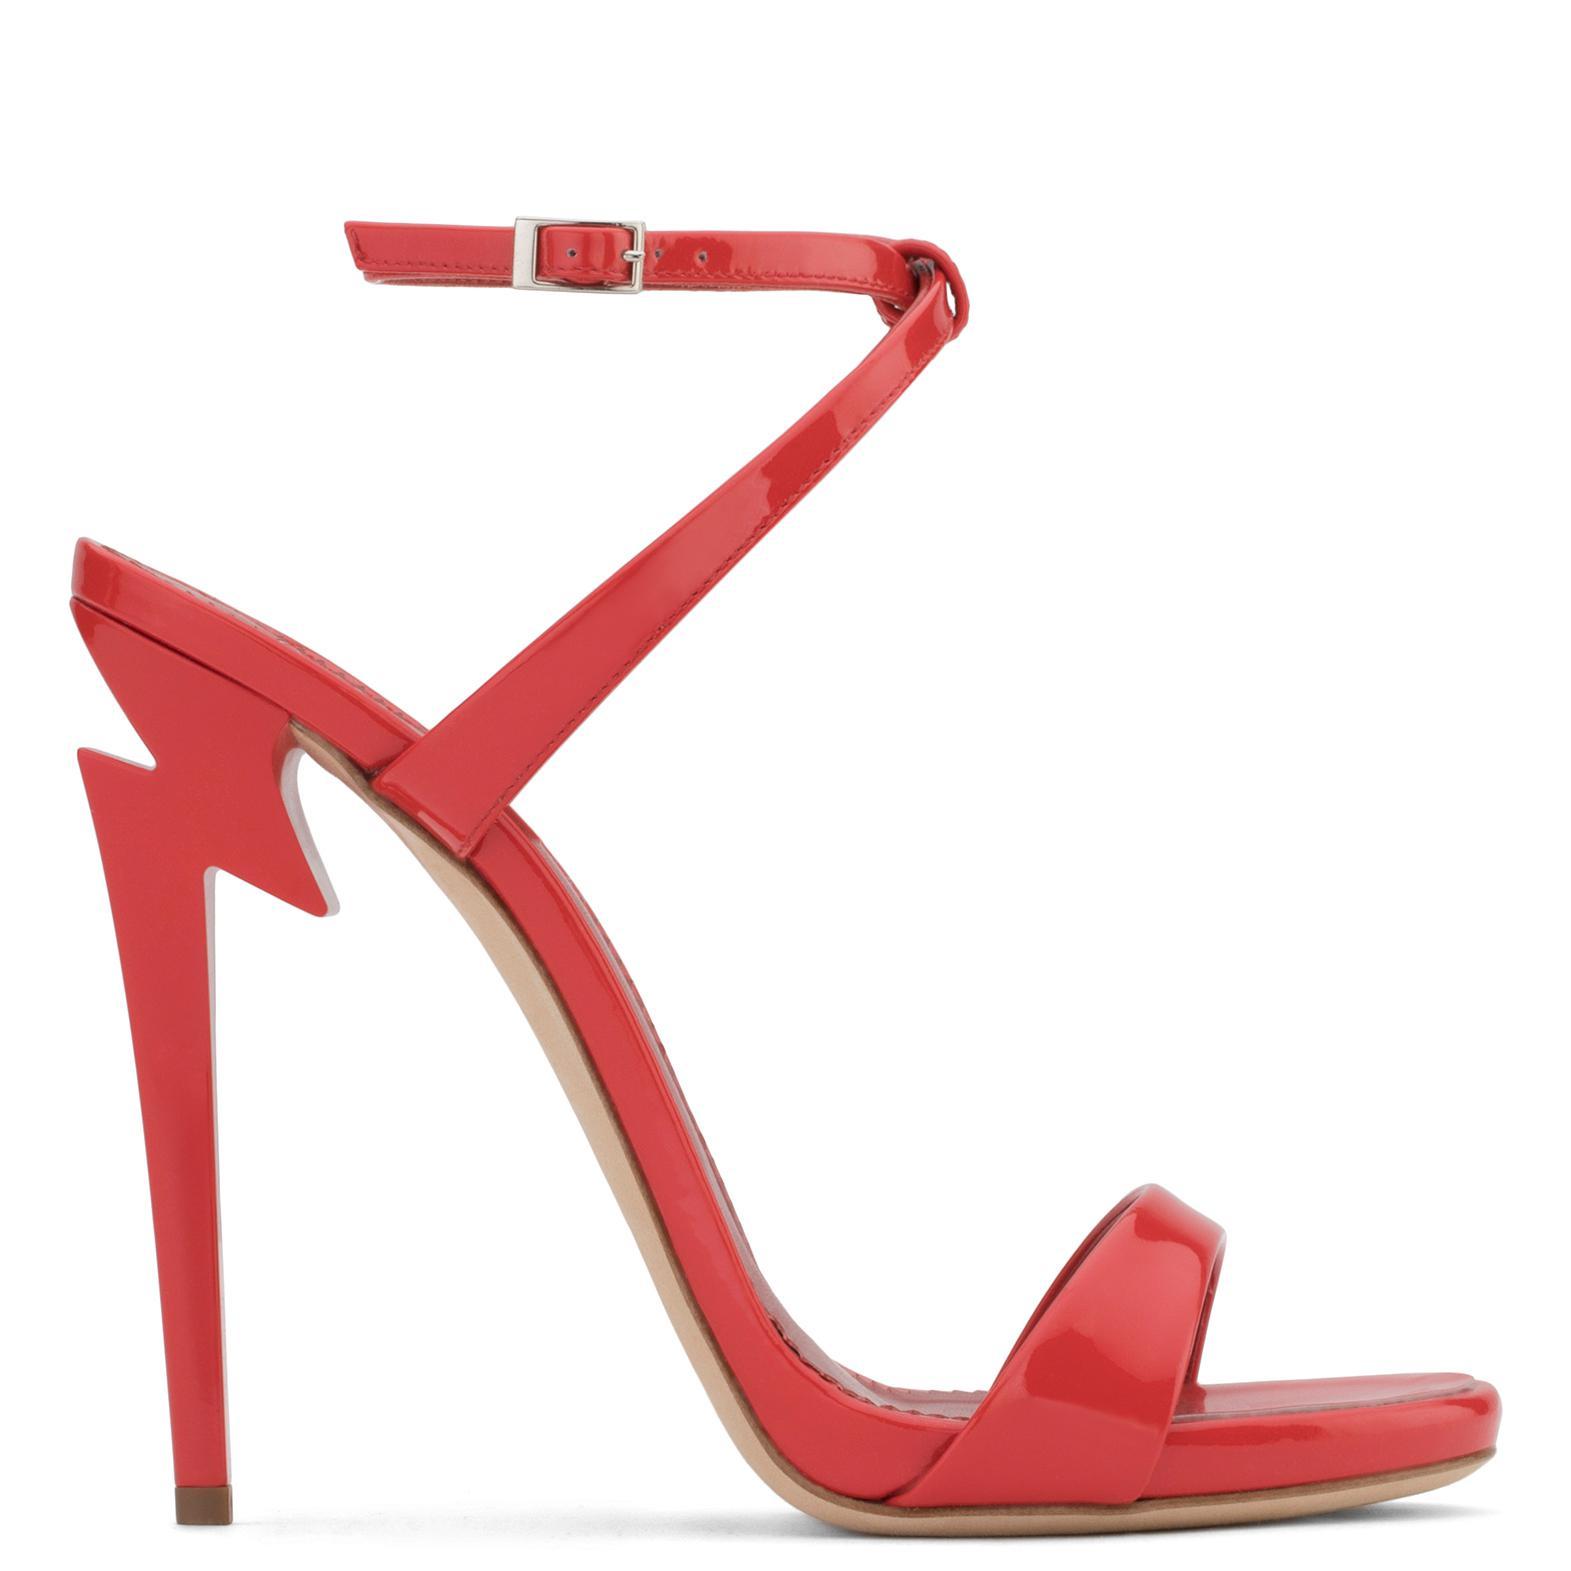 Giuseppe Zanotti Woman Patent-leather Pumps Red Size 36 Giuseppe Zanotti Clearance Online Ebay RMnf7j